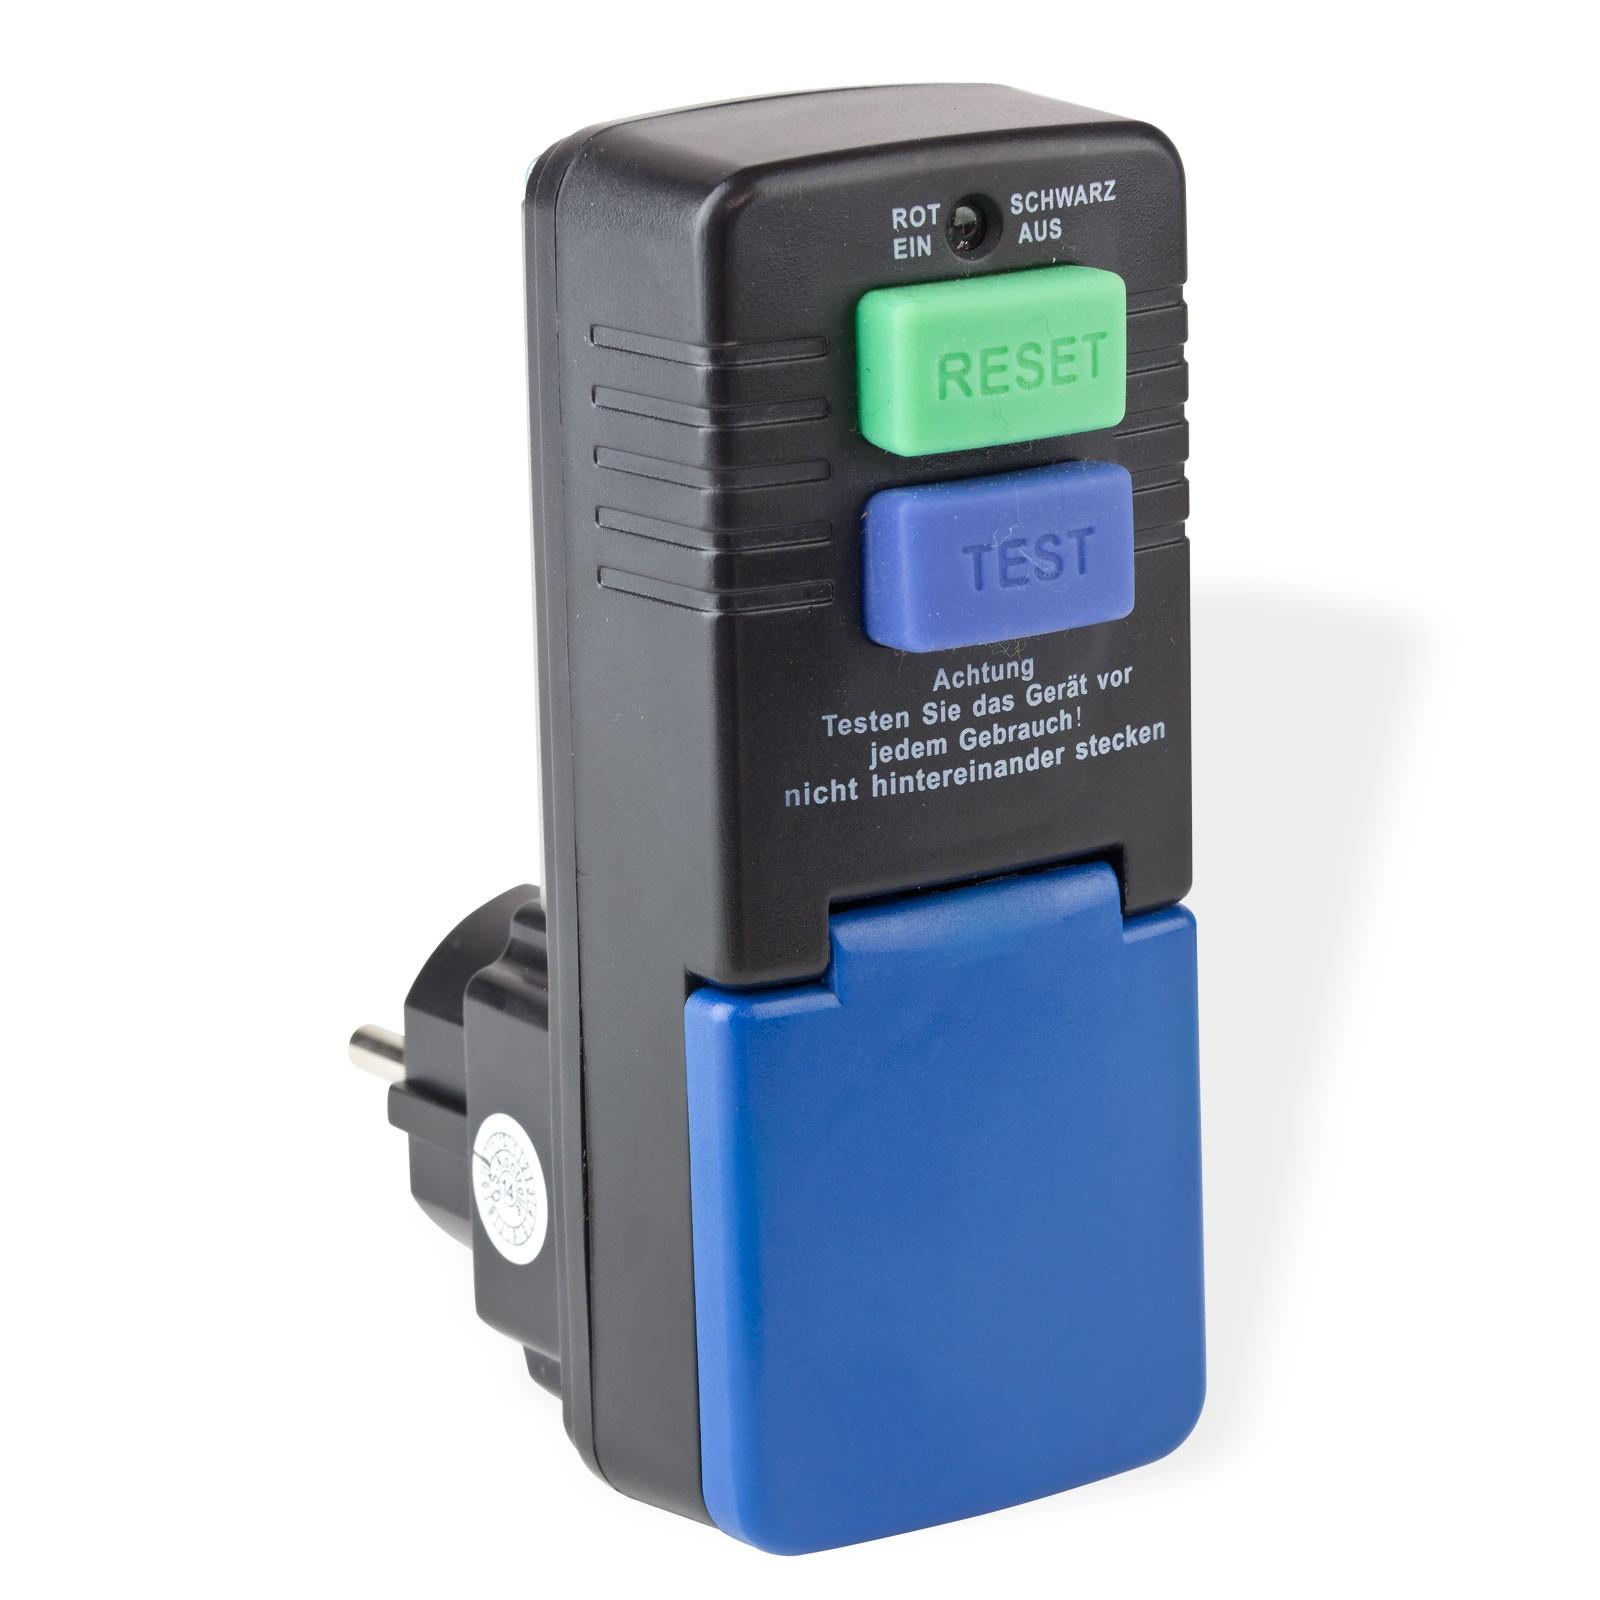 Dema Stromschutzschalter Fehlerstrom Schutzschalter FI Schalter 30mA 230V 98998